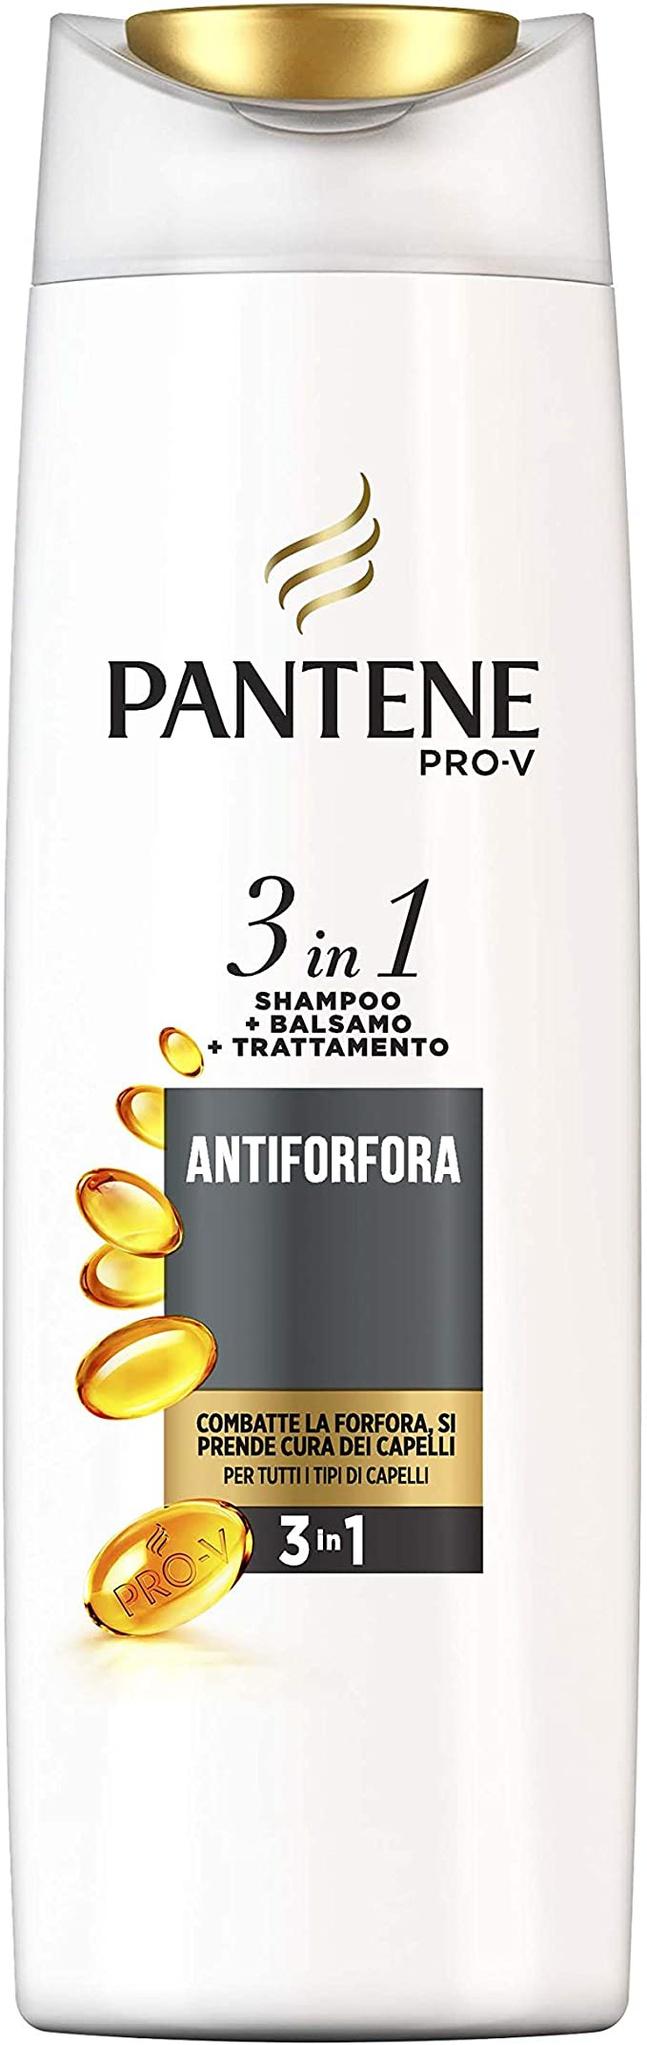 Pantene Pro-V Anti-Dandruff 3in1